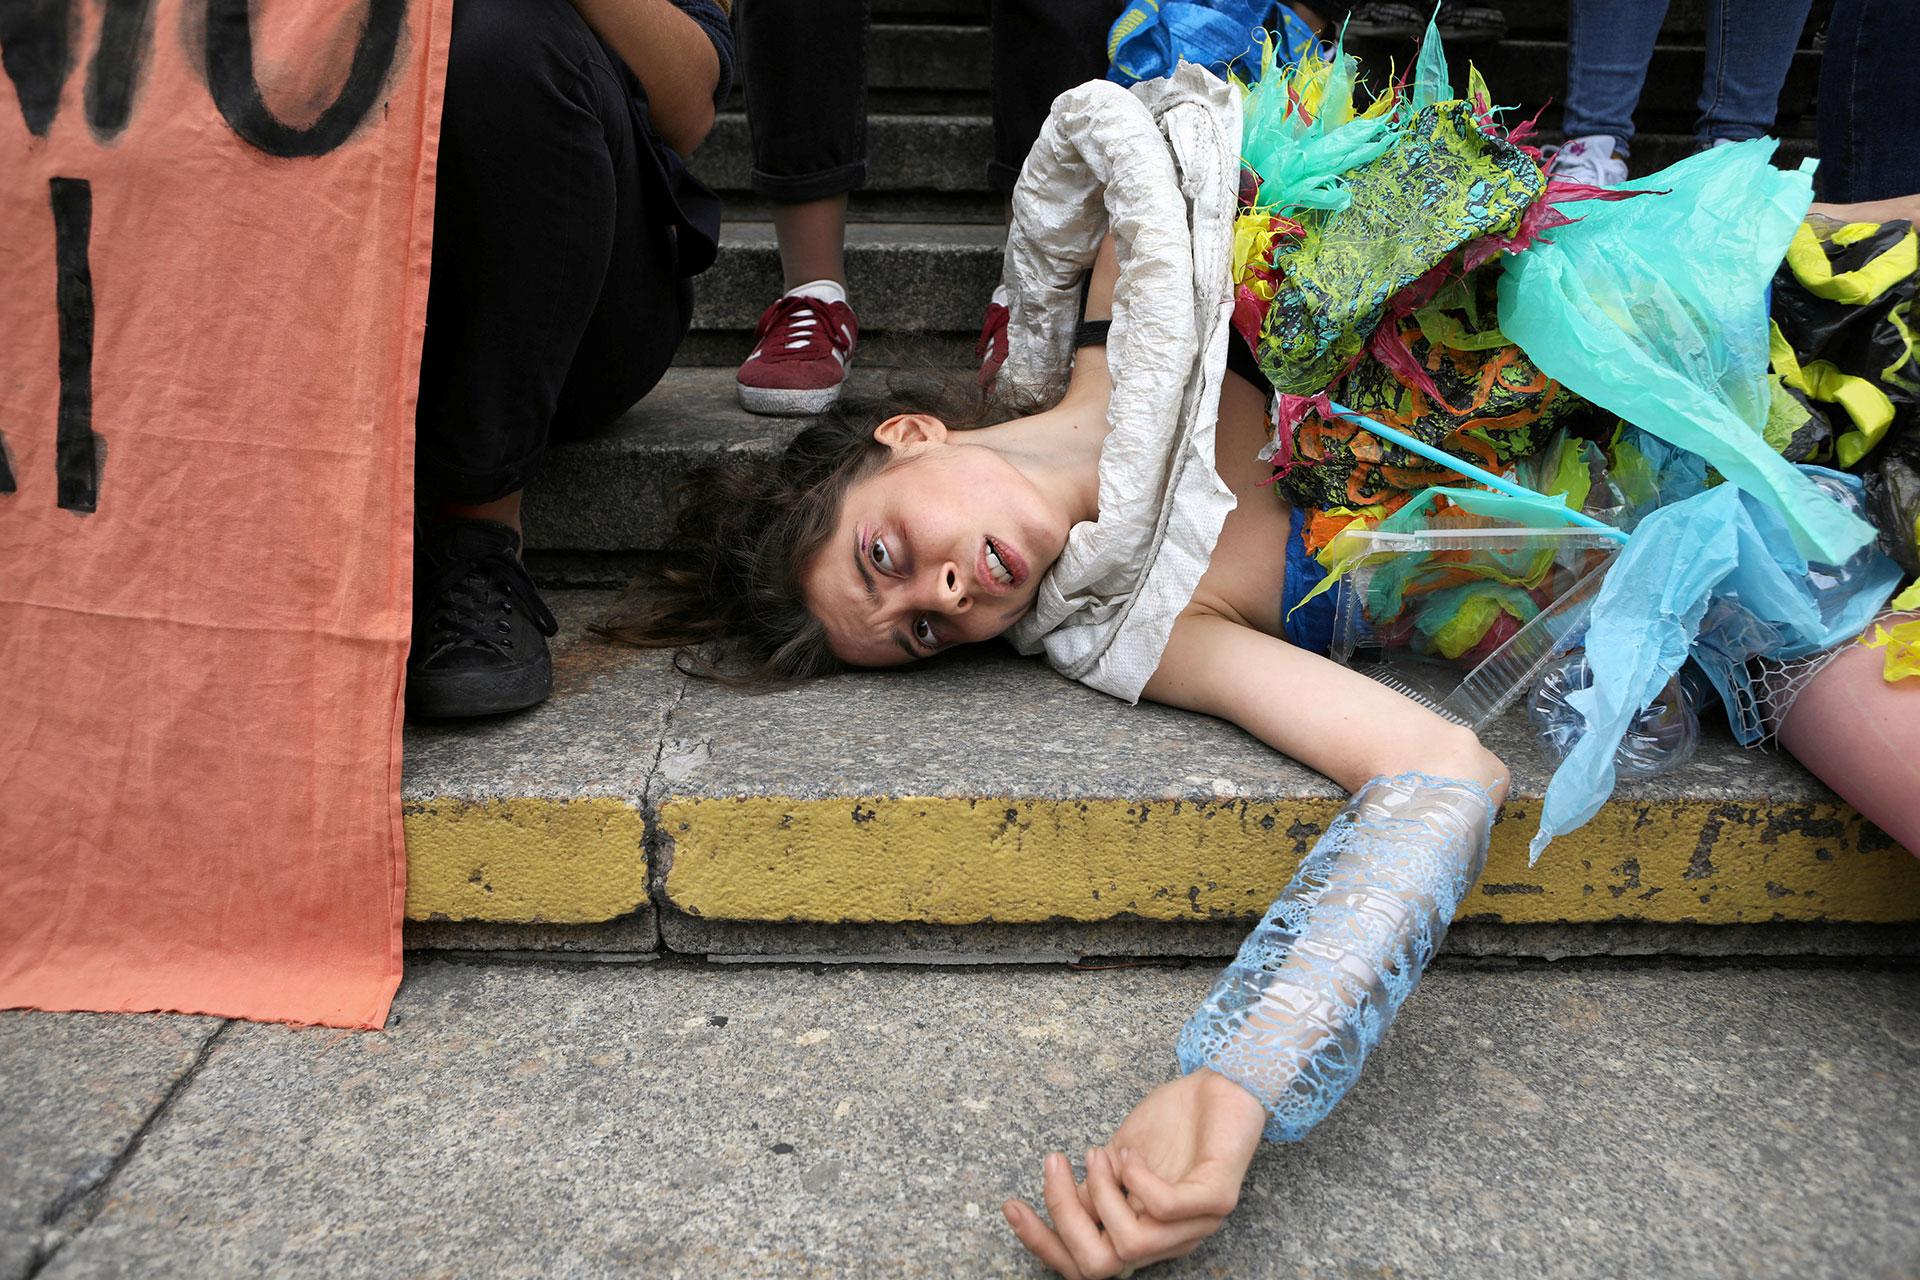 Una joven activista yace en el suelo en plena protesta en Varsovia (Maciek Jazwiecki/Agencja Gazeta via REUTERS)